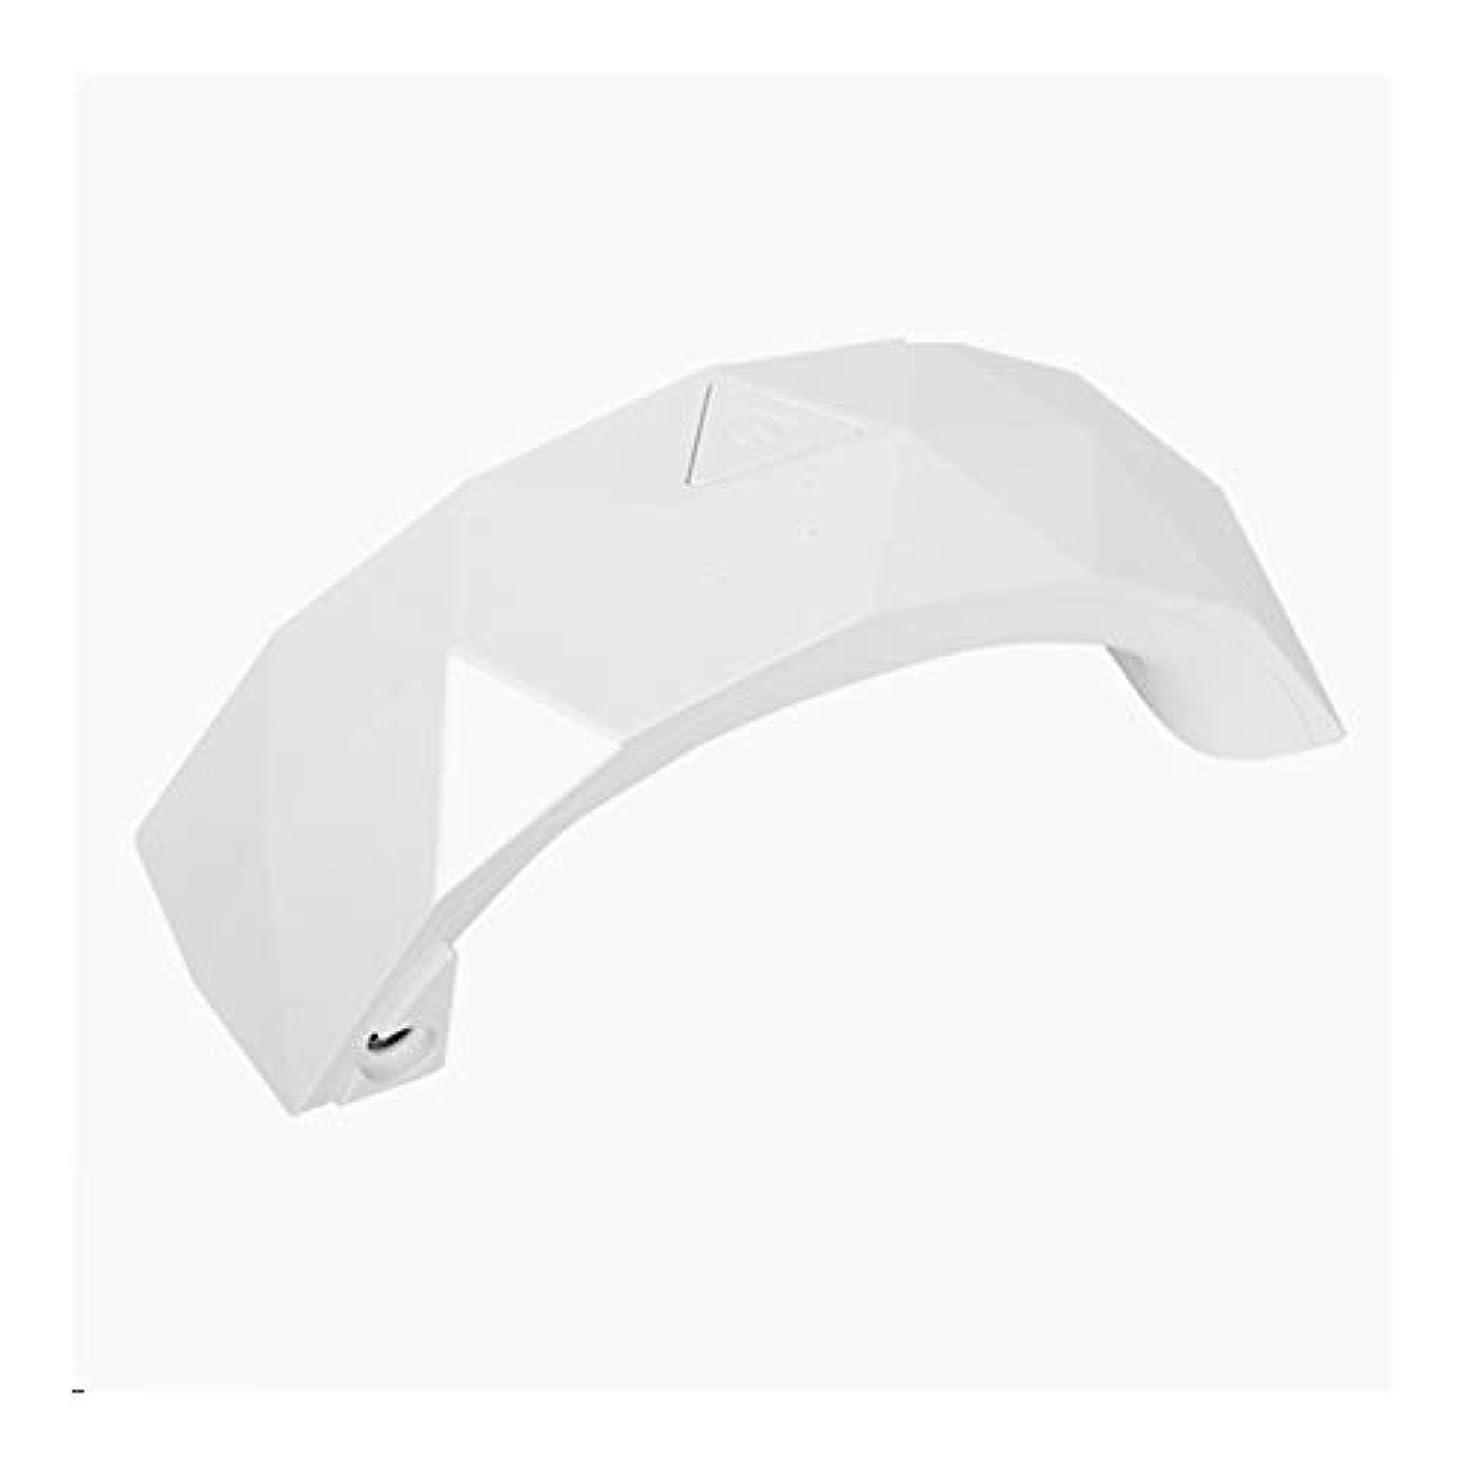 オーク引き渡すパッケージLittleCat ミニLEDレインボーライトセラピーランプジェルネイルポリッシュネイルズネイルドライヤーの熱ランプライト療法機械 (色 : White)